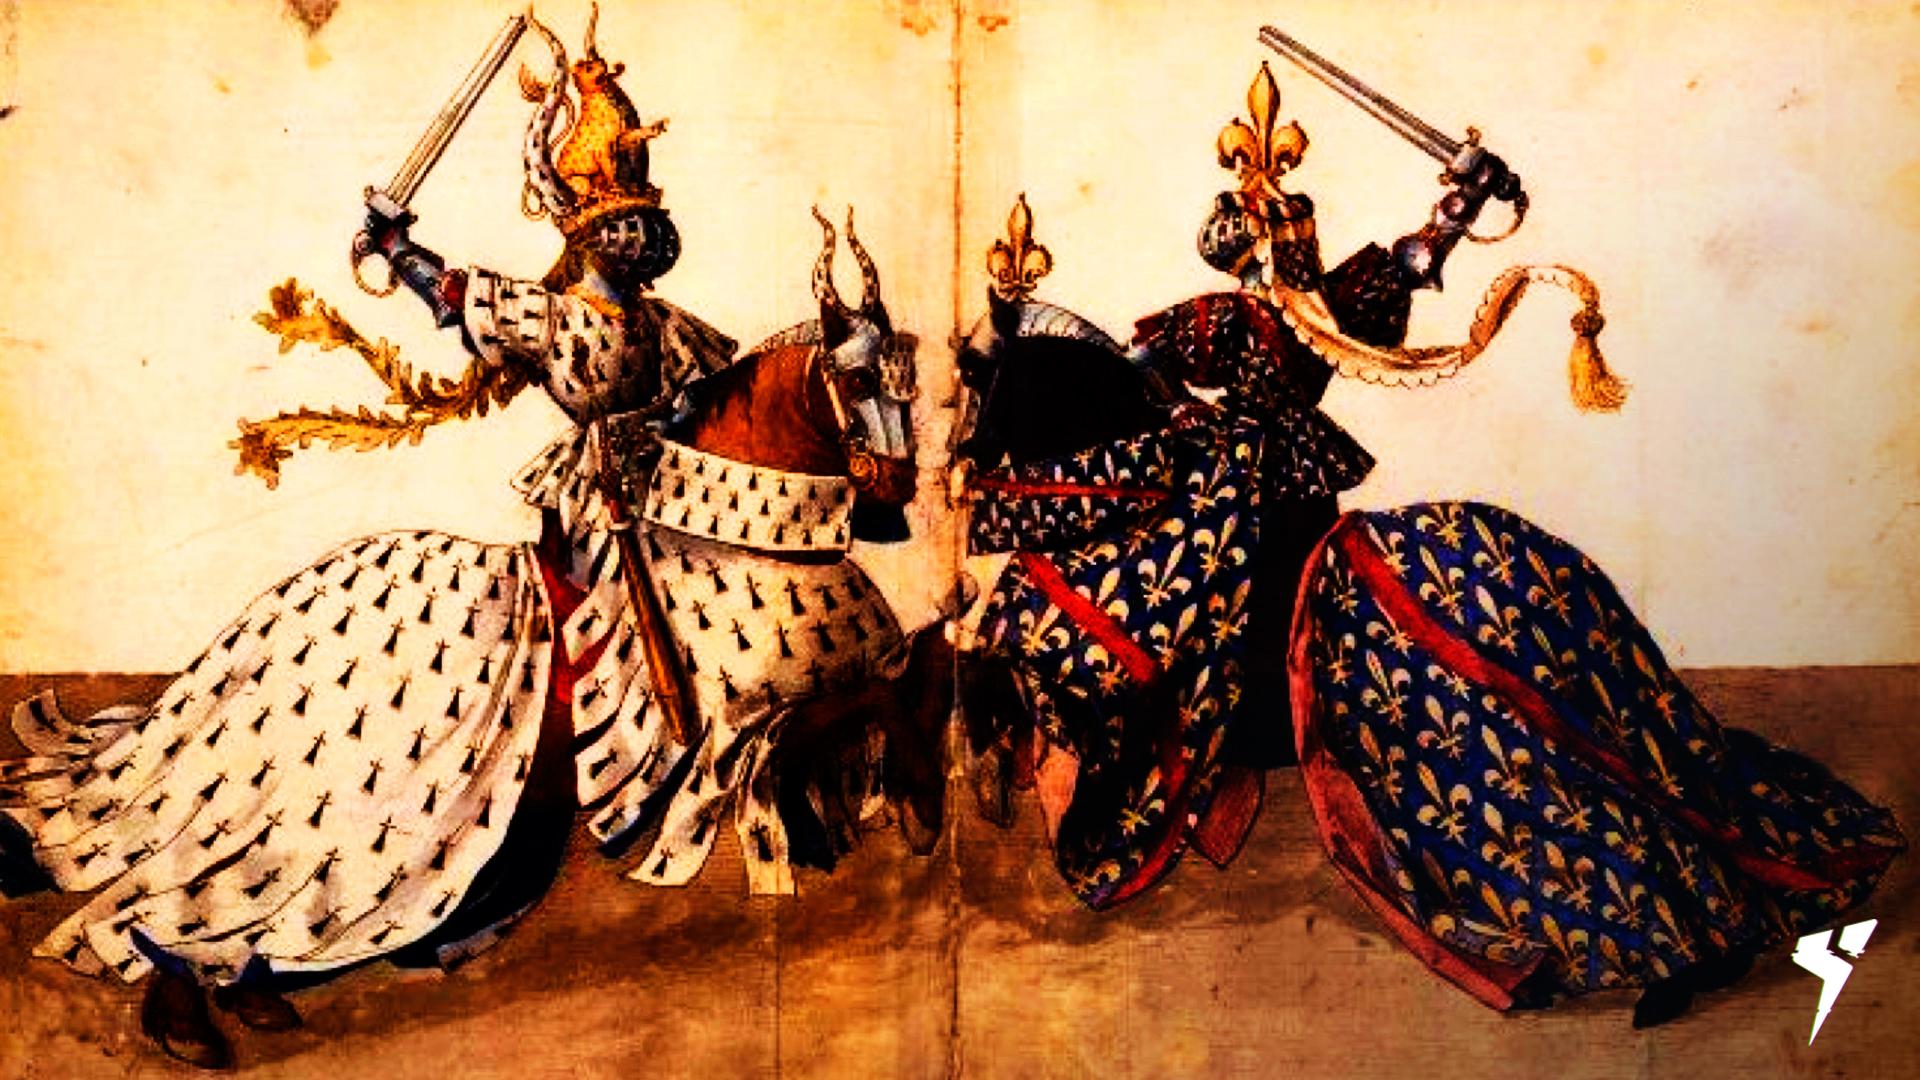 historia-do-esporte-combate-medieval-com-uma-imagem-antiga